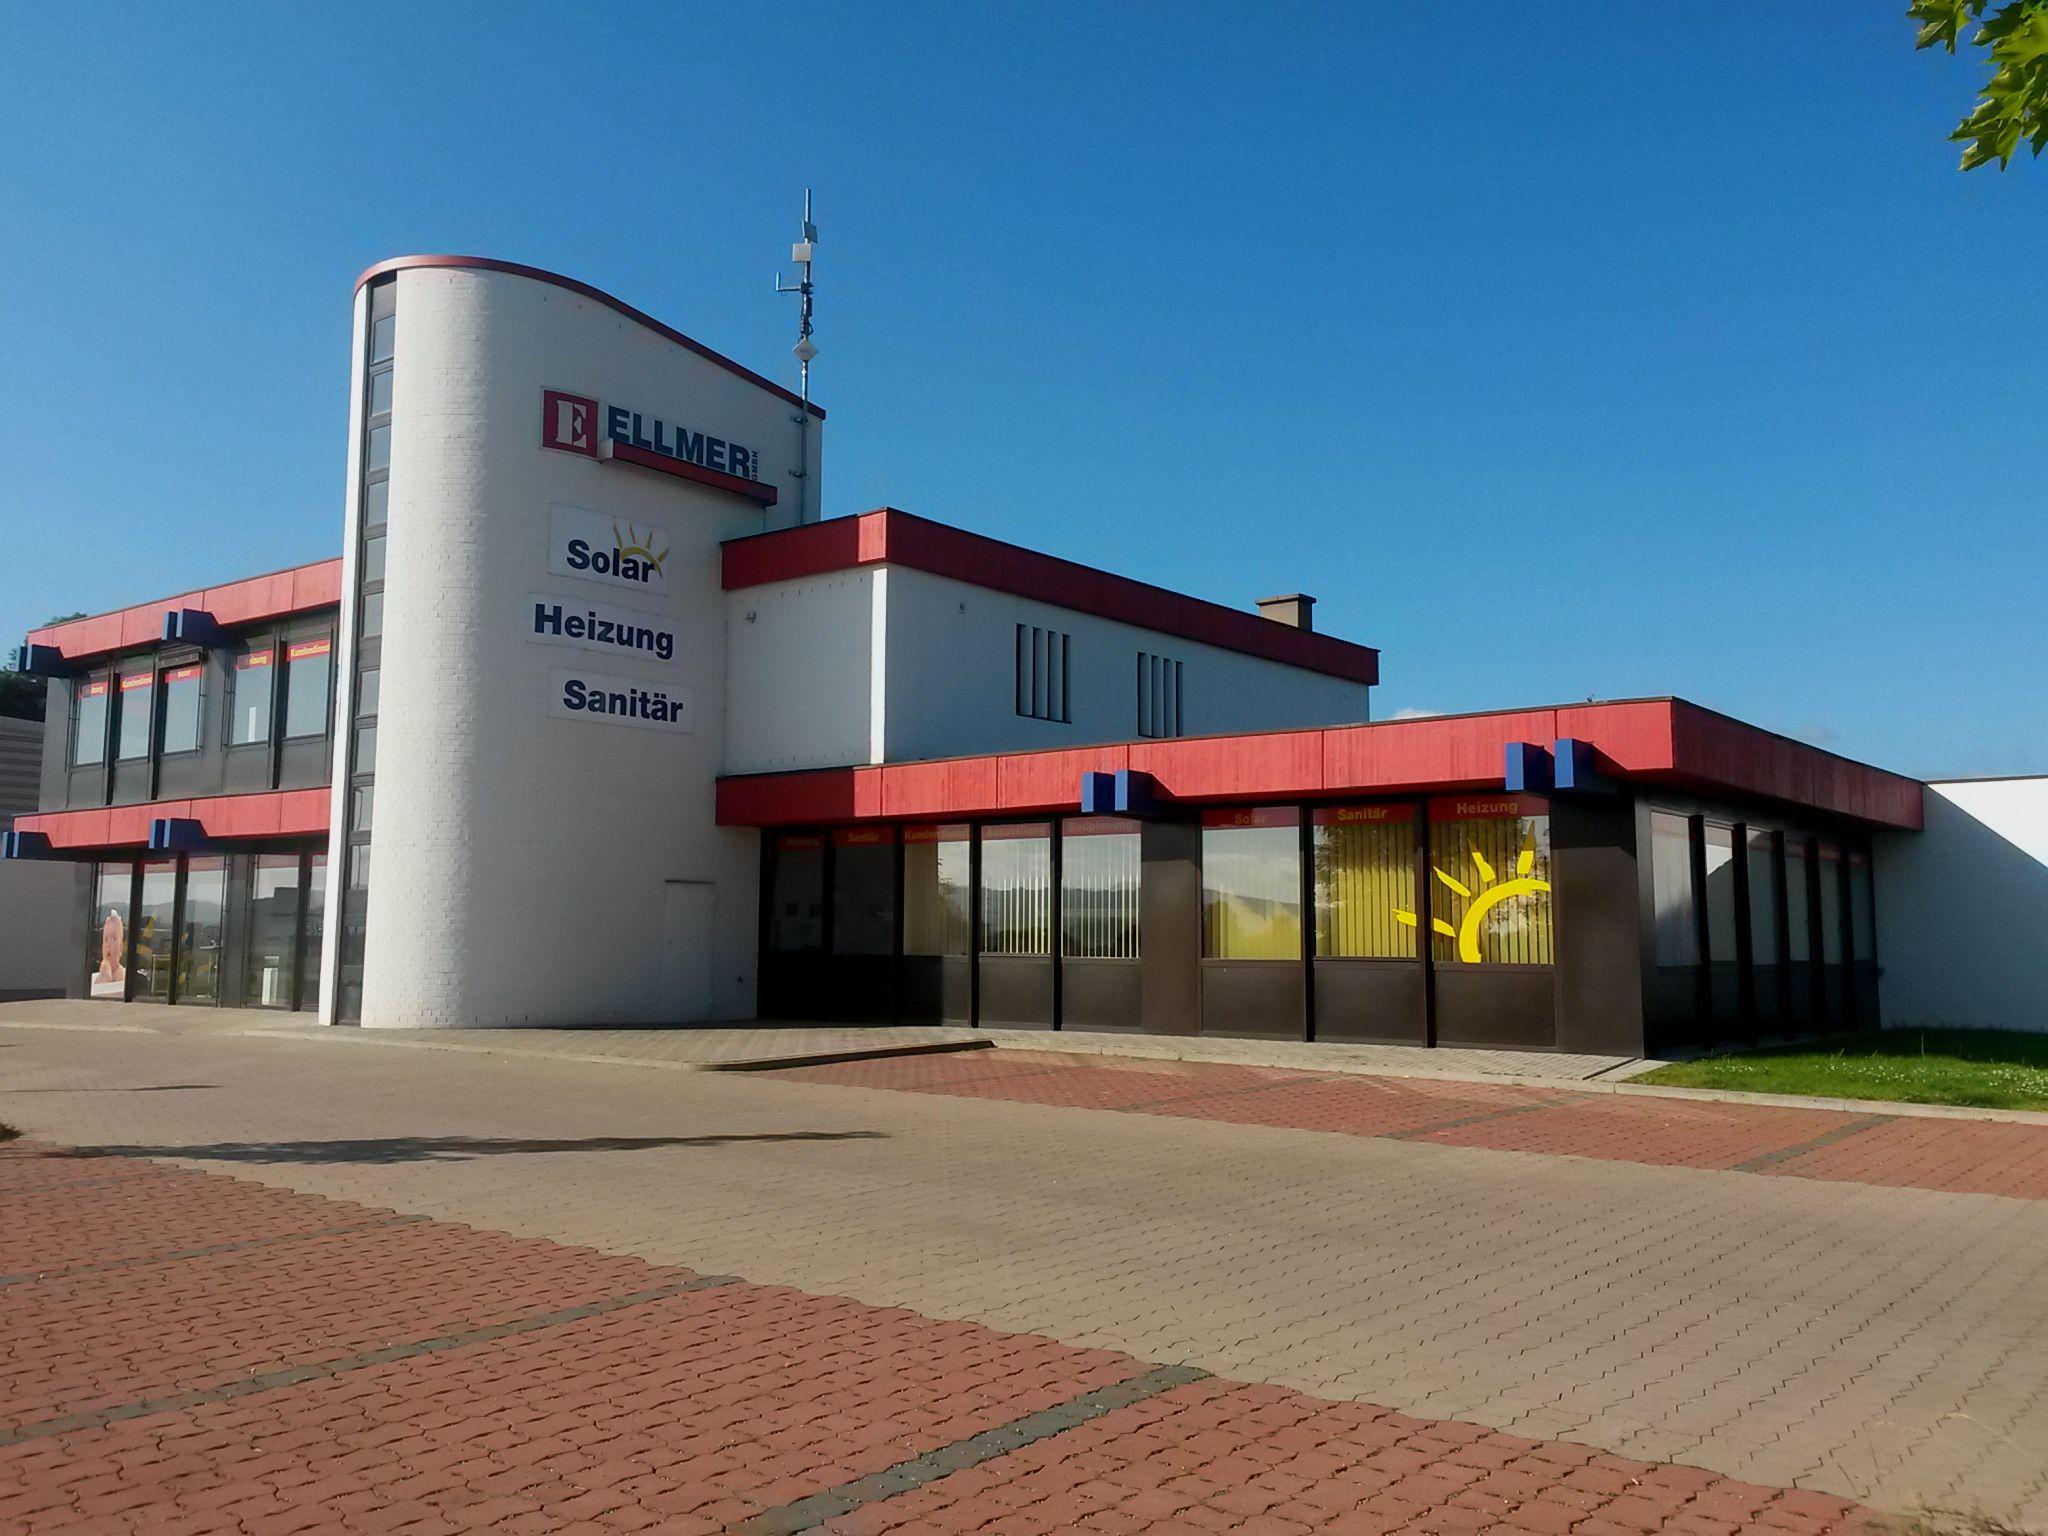 Ellmer GmbH  -  Heizung / Sanitär